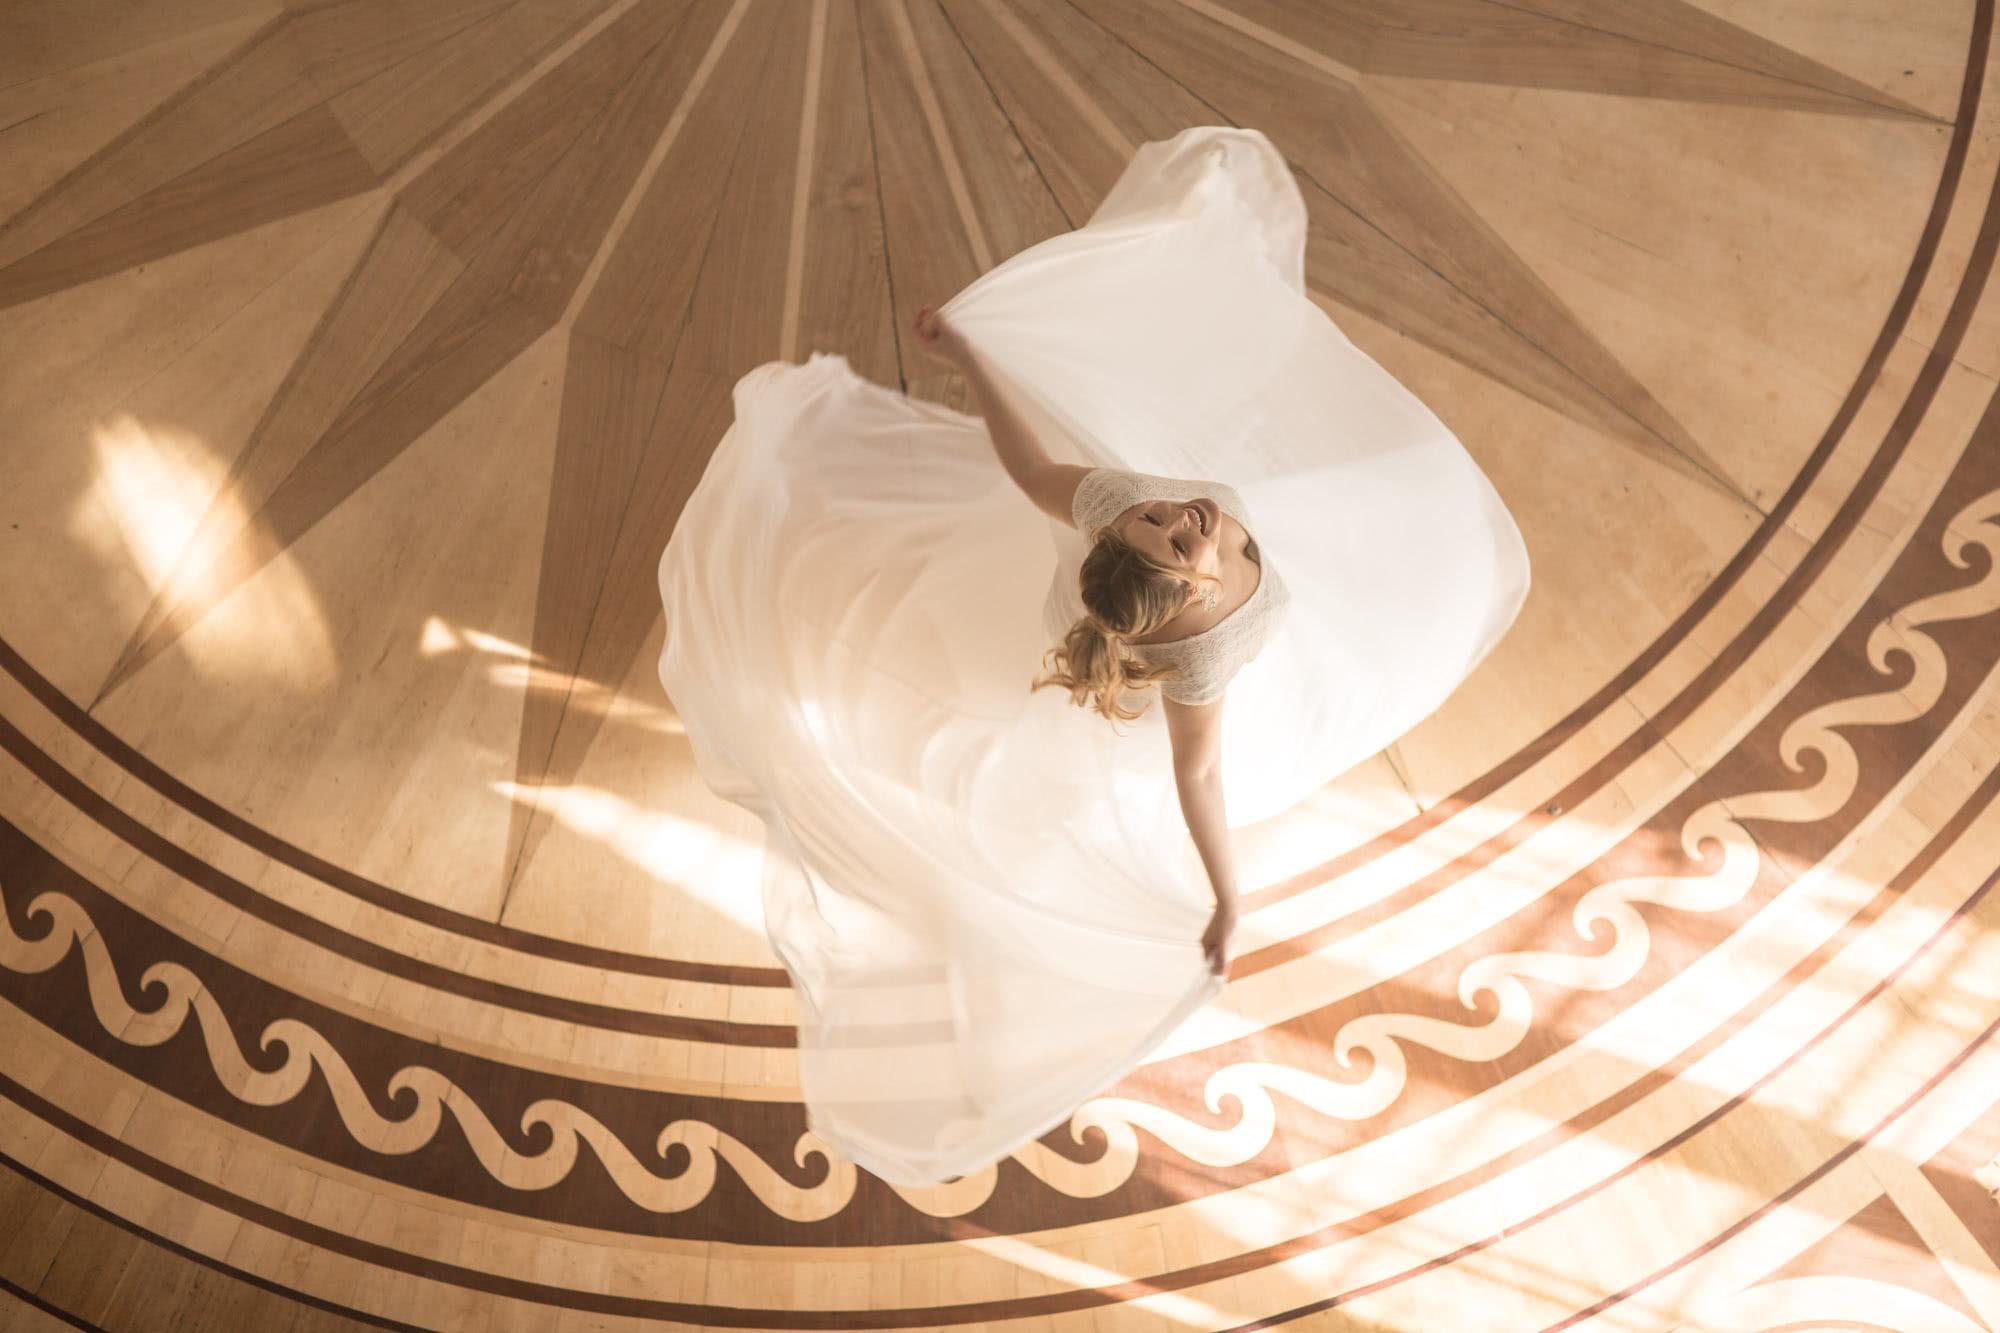 Brautkleid Mode De Pol Lovely übergröße Heiraten Schloss Hochzeit